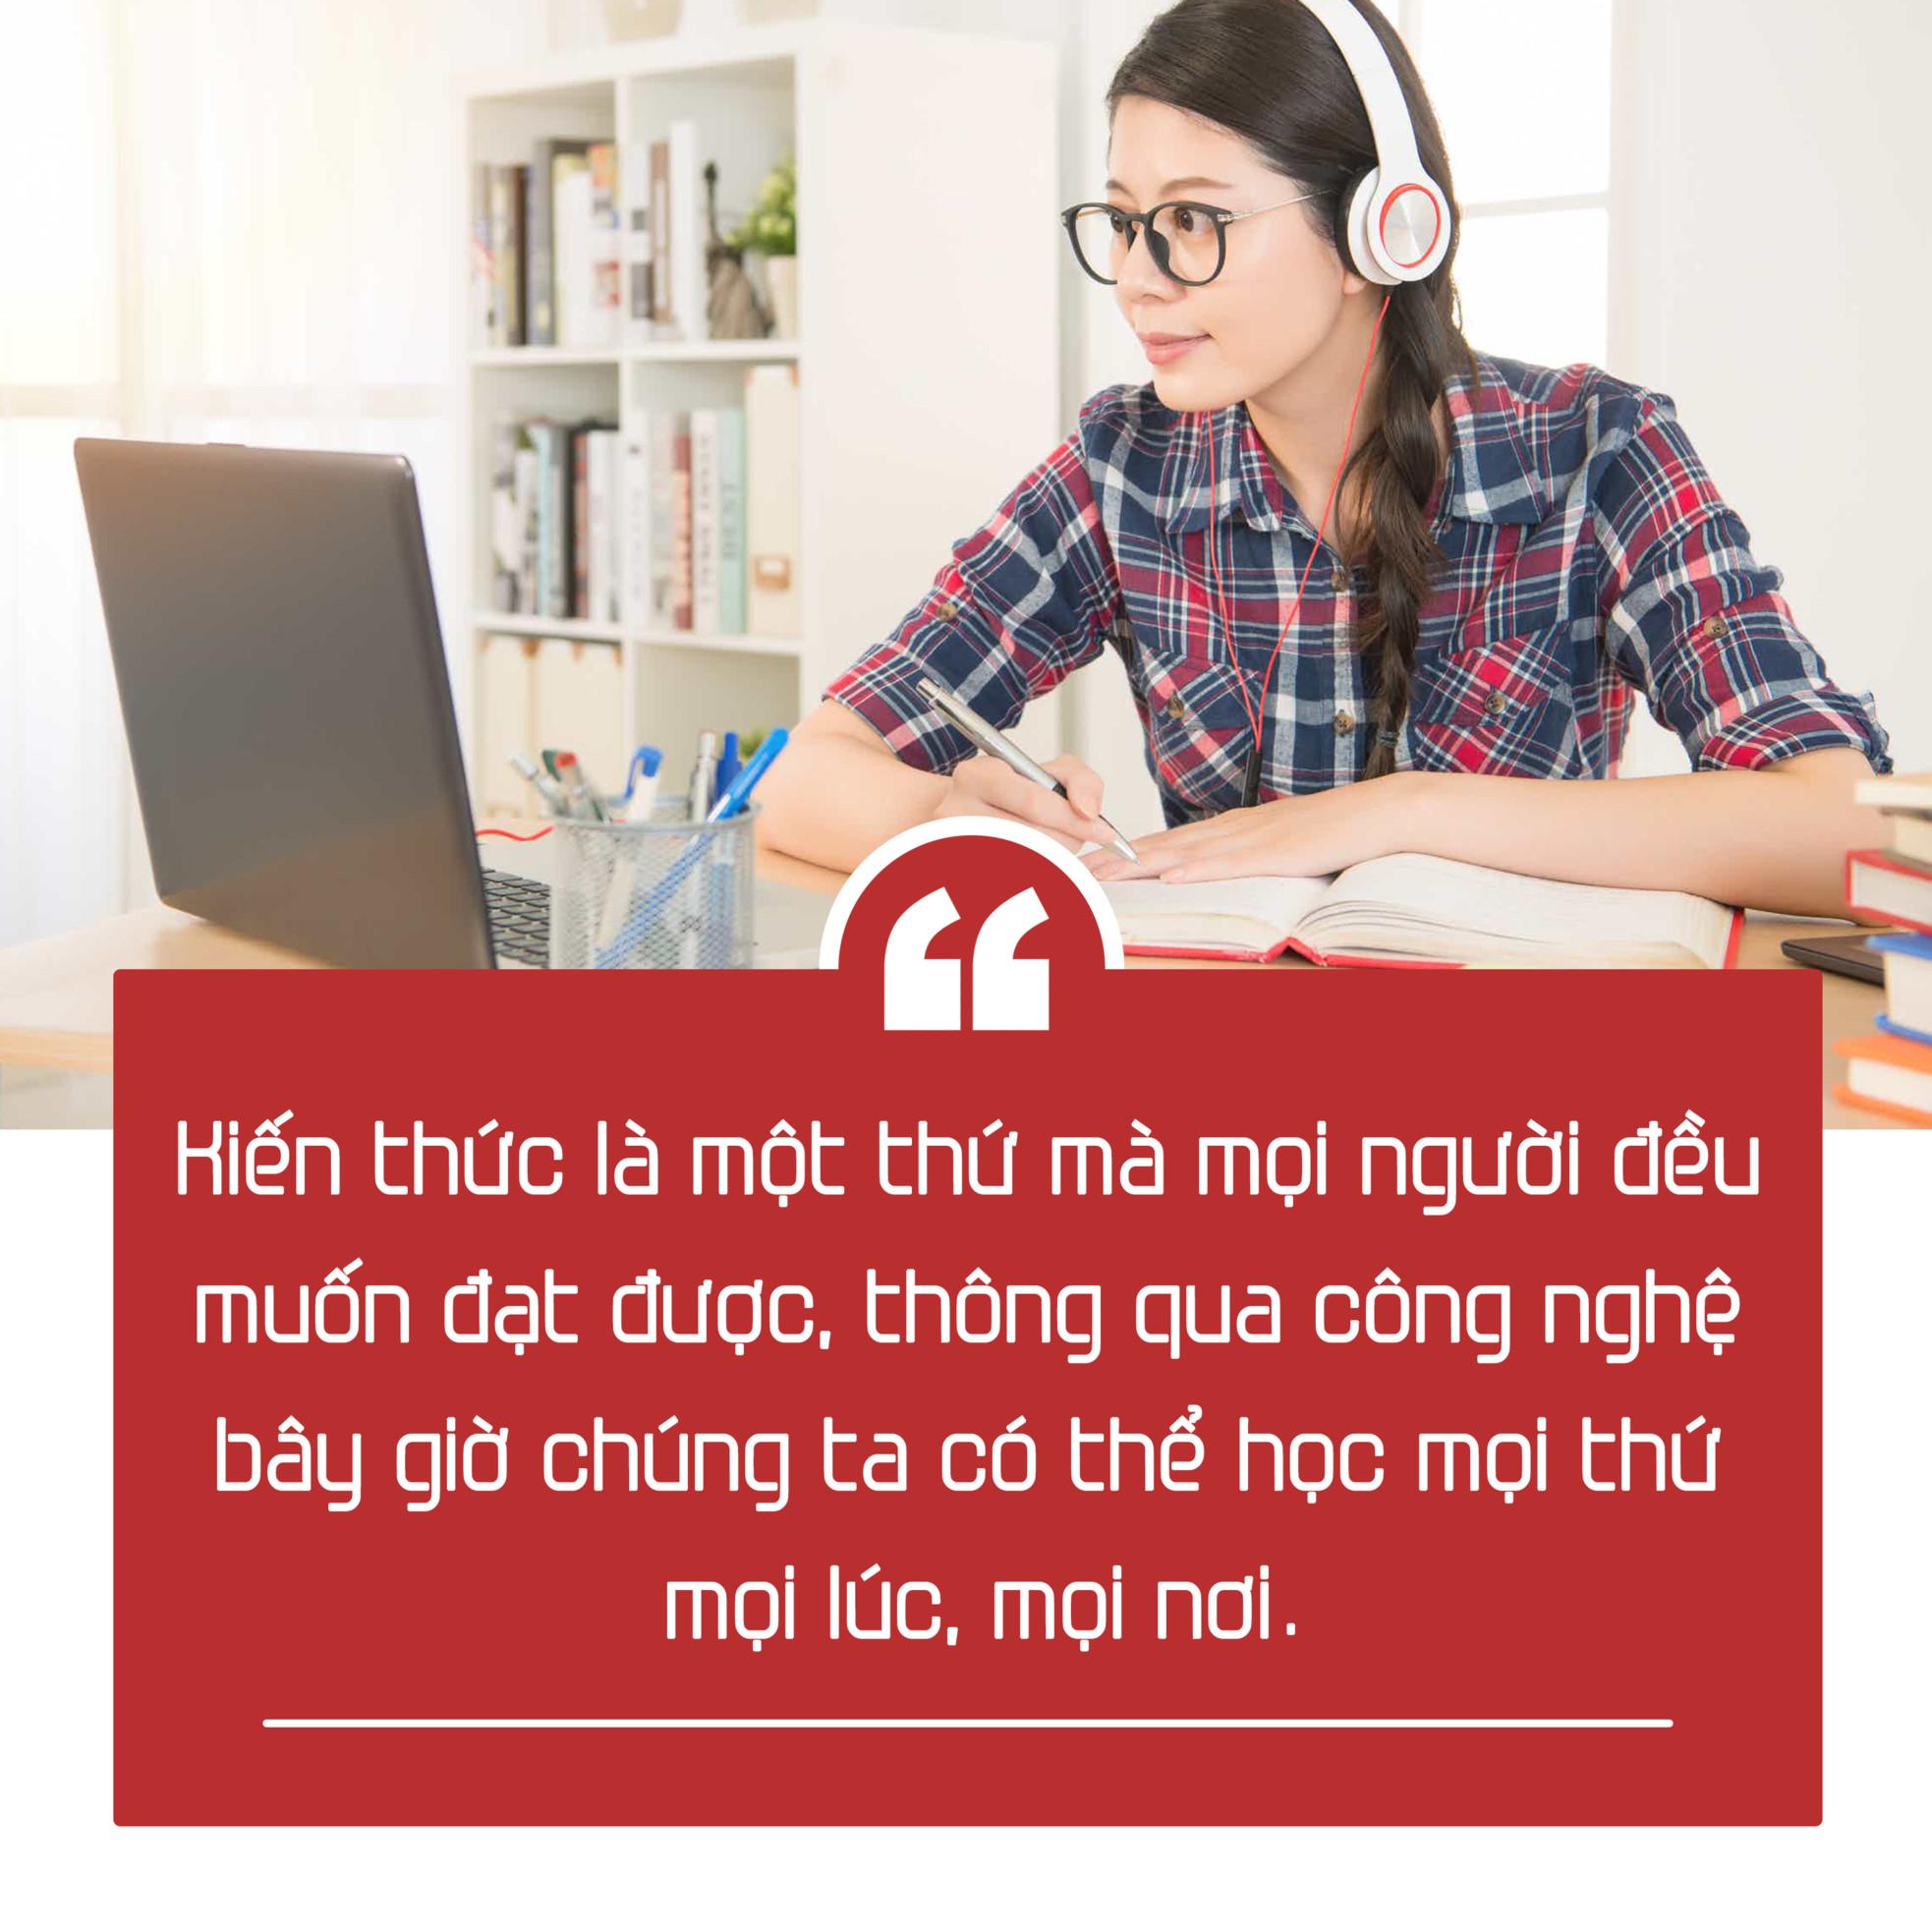 Công nghệ sẽ góp phần giúp việc học và thi sẽ trở nên thực chất, dường như sẽ không chịu sự tác động chủ quan bên ngoài